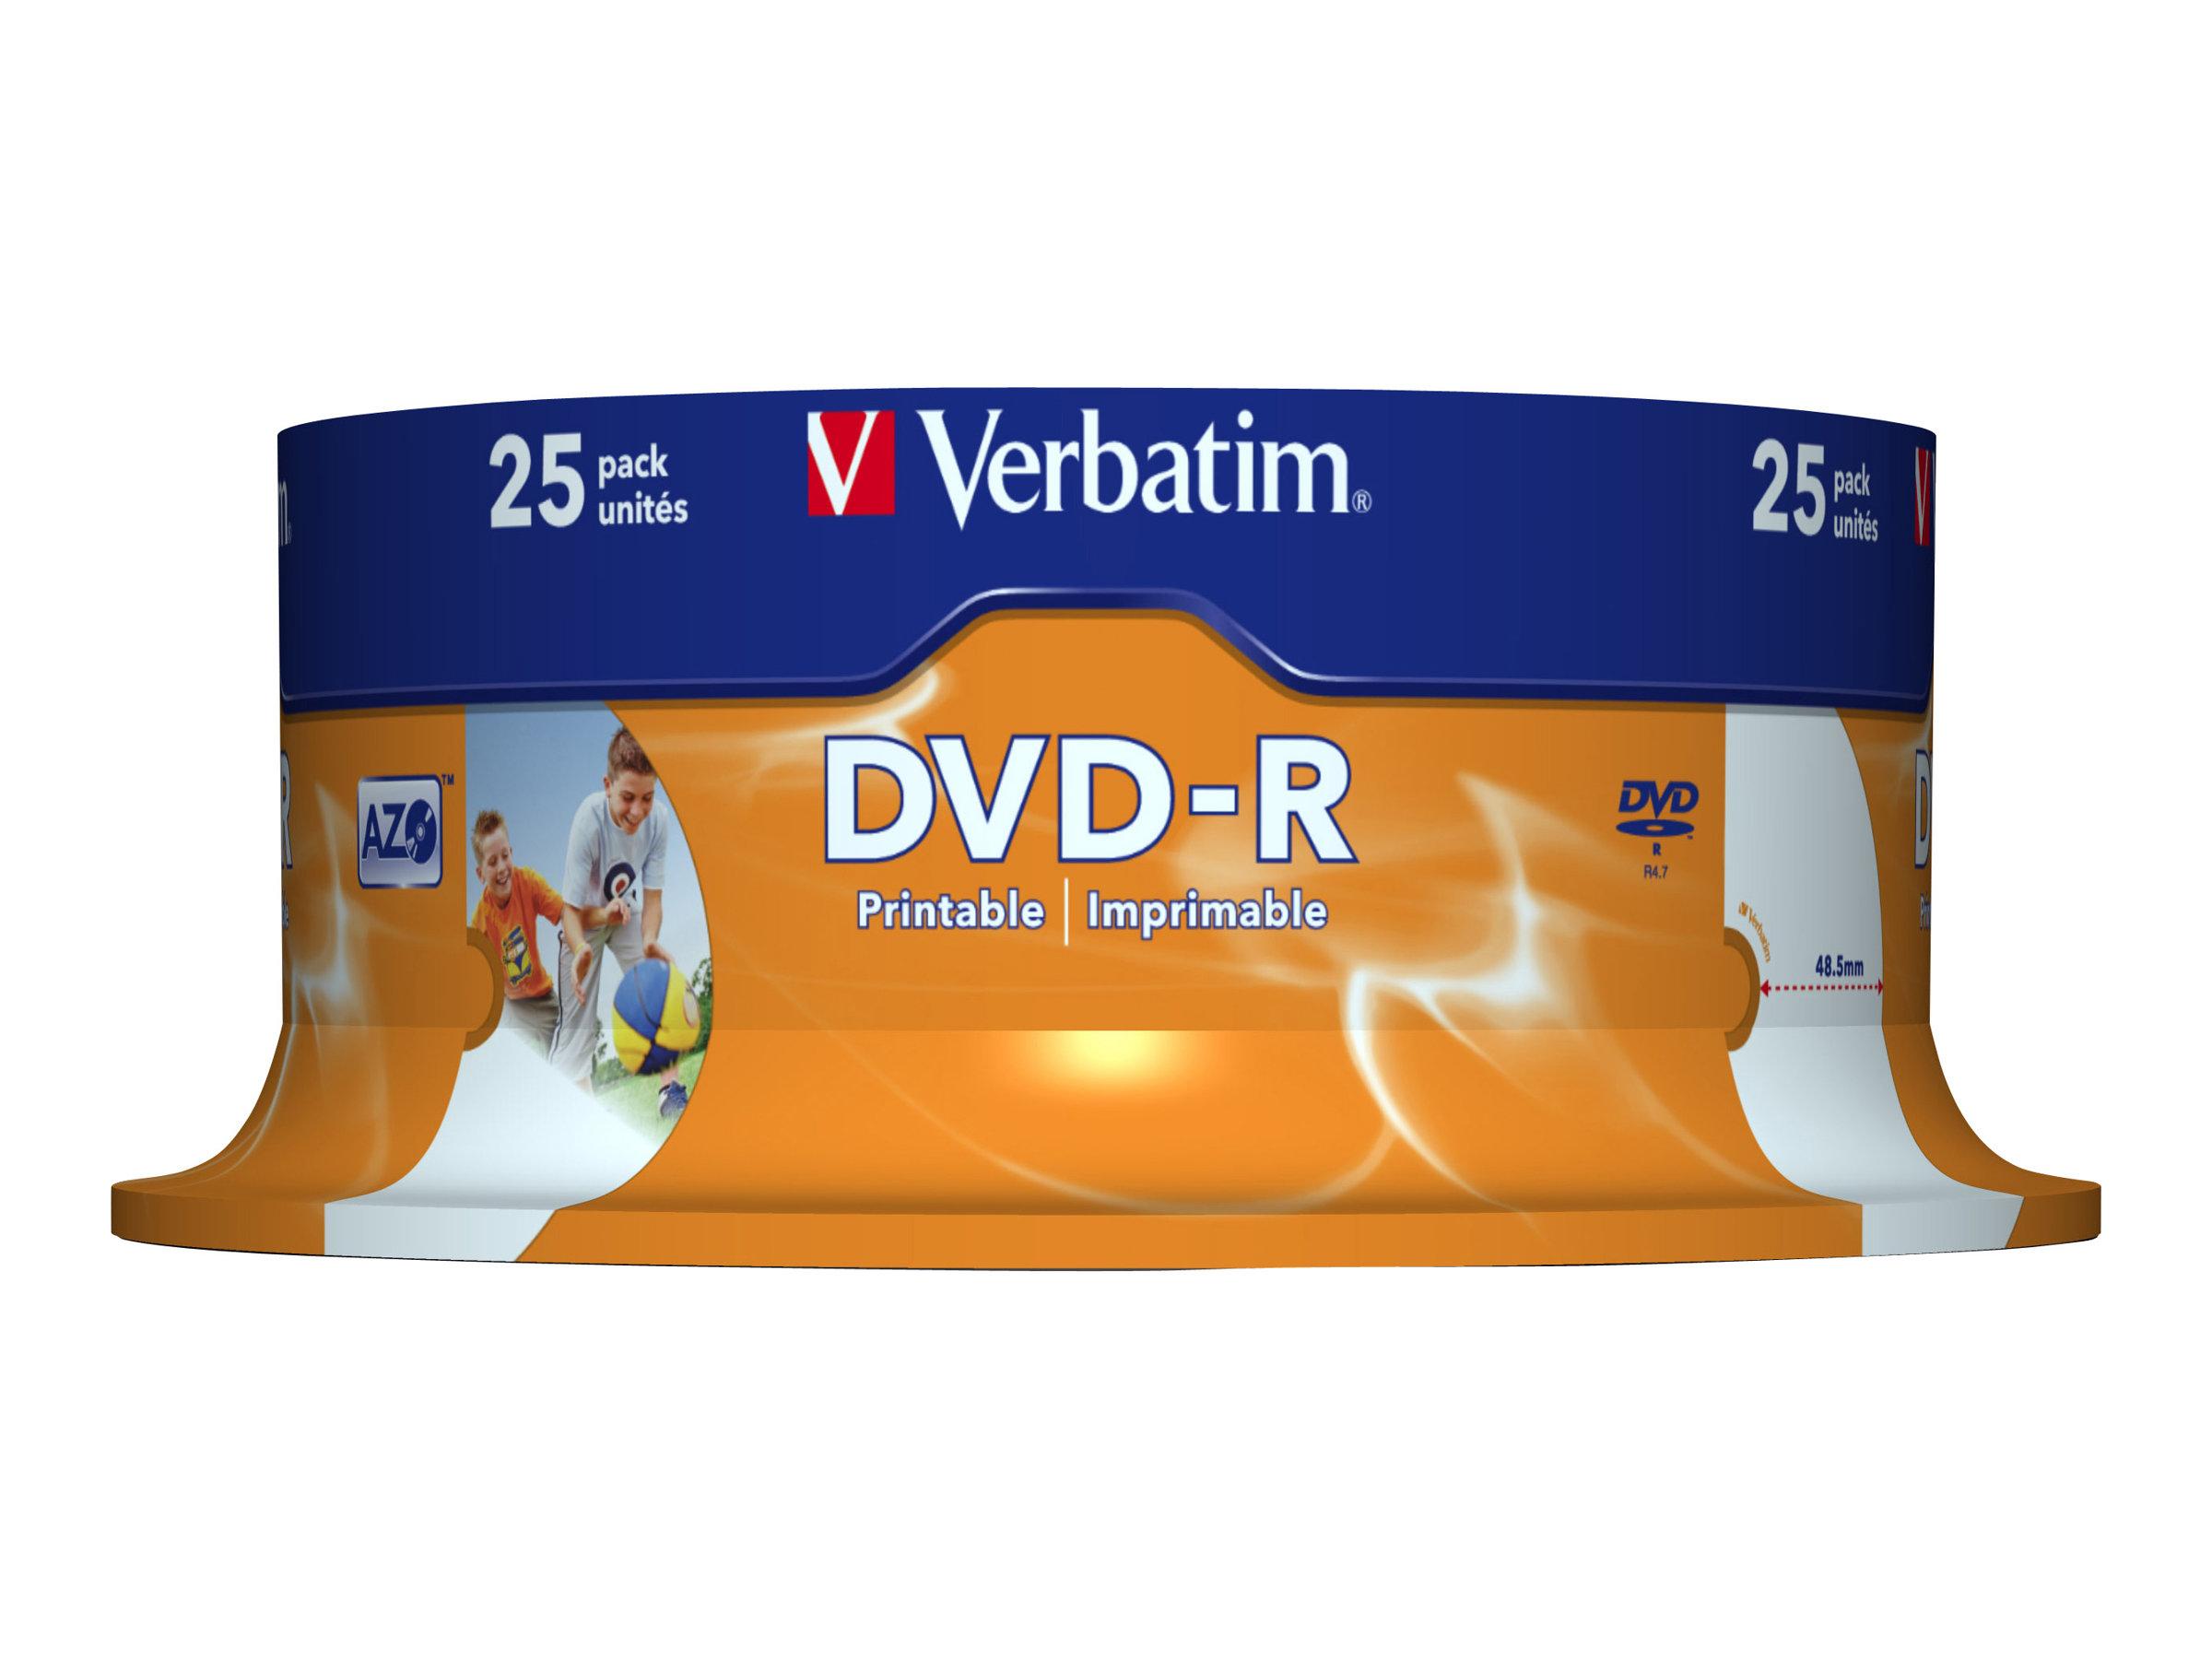 Verbatim 25 x DVD-R - 4.7 GB 16x - breite bedruckbare Fläche für Fotos